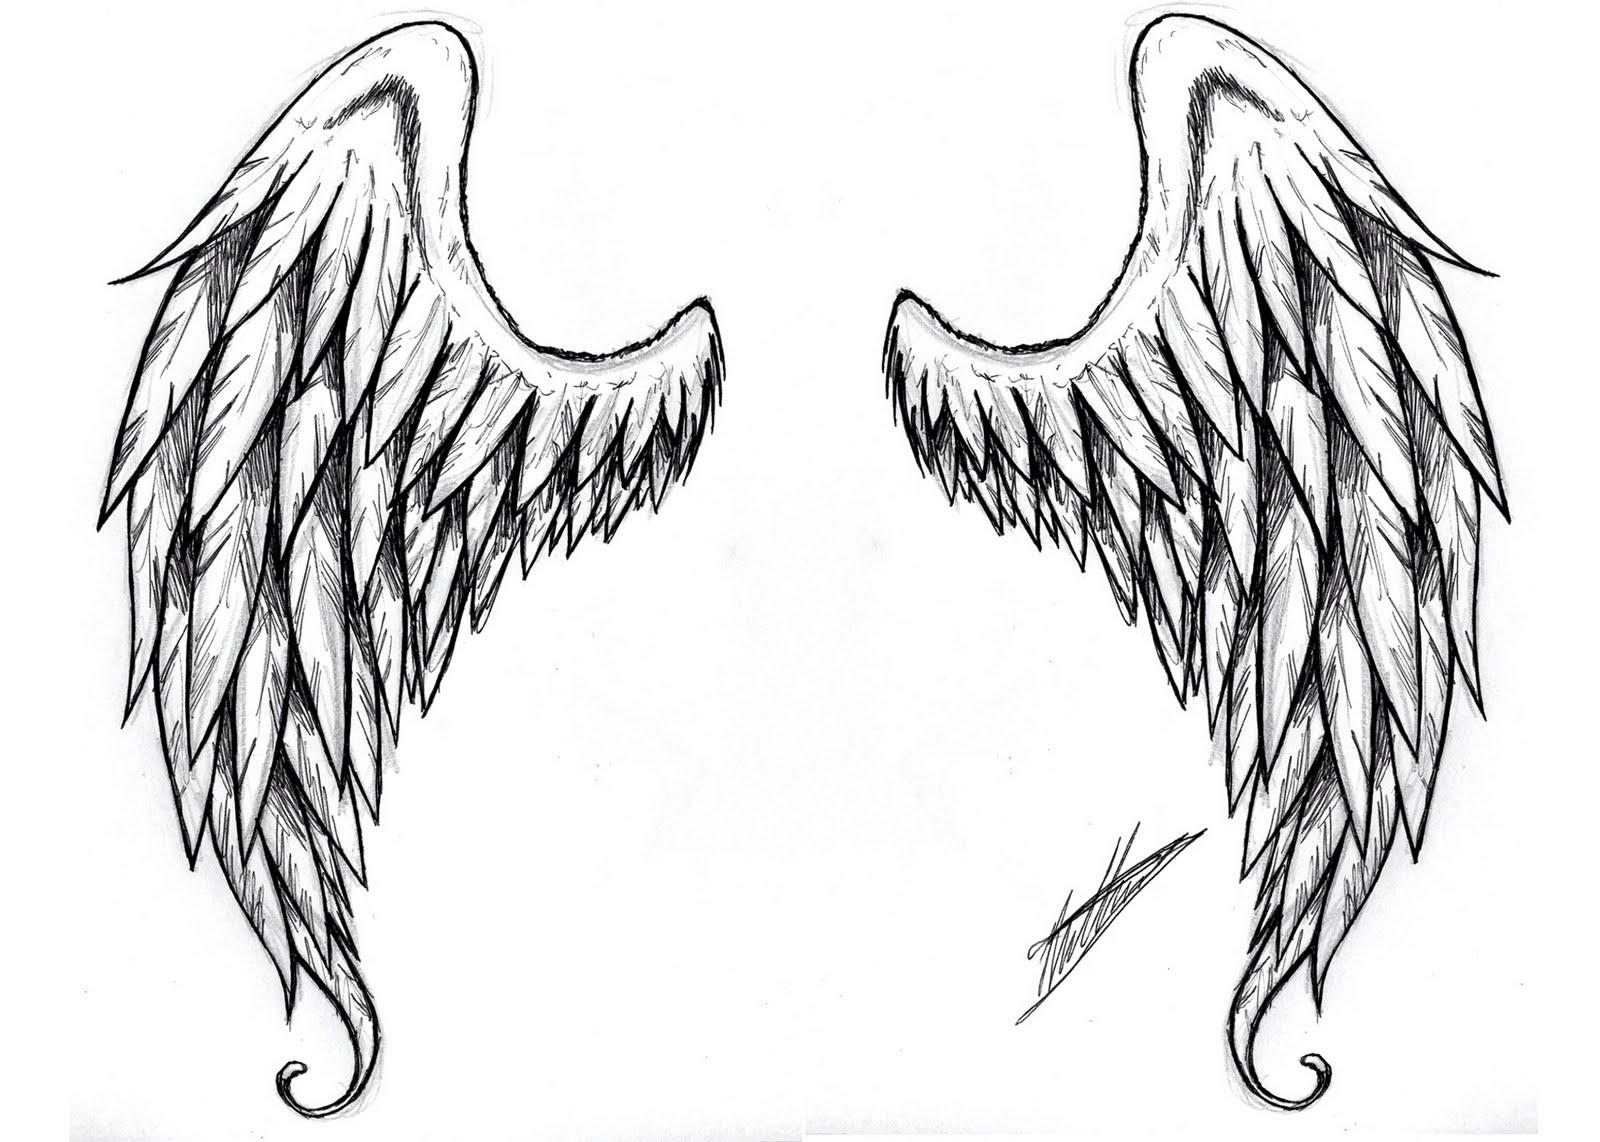 http://1.bp.blogspot.com/_Yk0mPsH5iUw/TJOAWCOXa9I/AAAAAAAAAFY/IGHoBJXHUYg/s1600/Angel_Wings_Tatoo_by_Spirogs.jpg